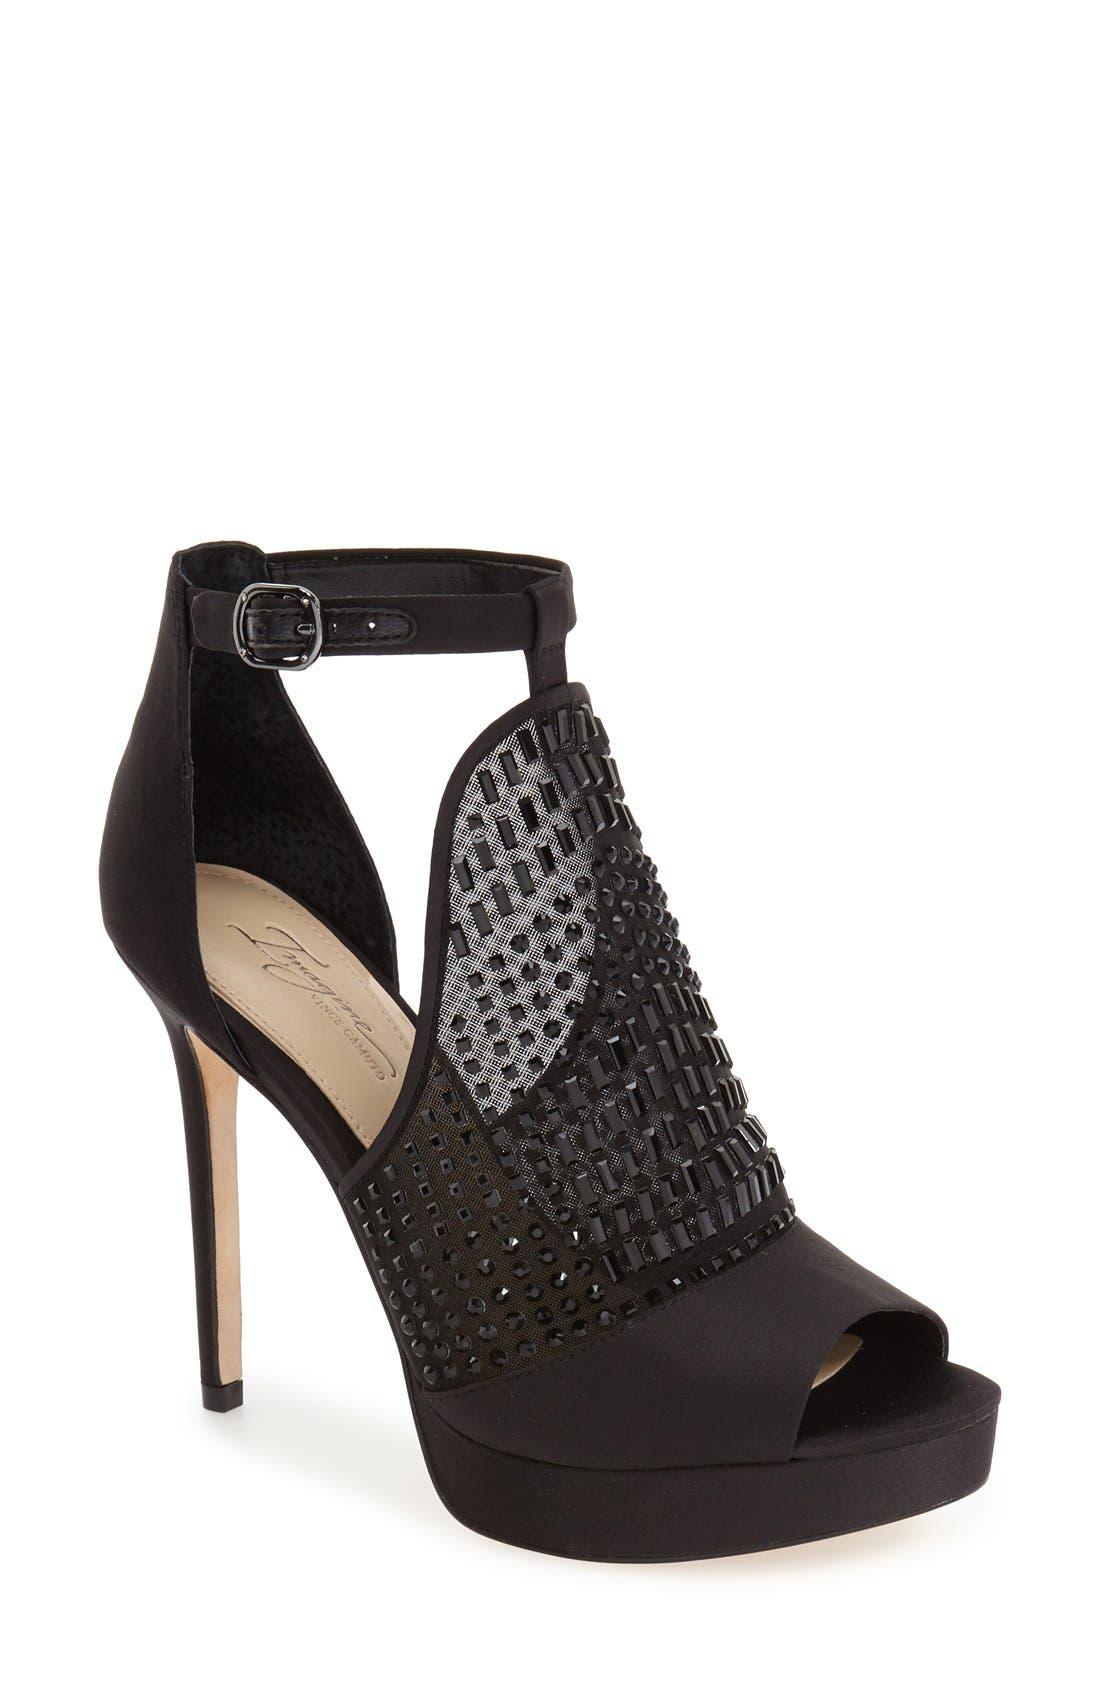 IMAGINE BY VINCE CAMUTO Keir T-Strap Platform Sandal